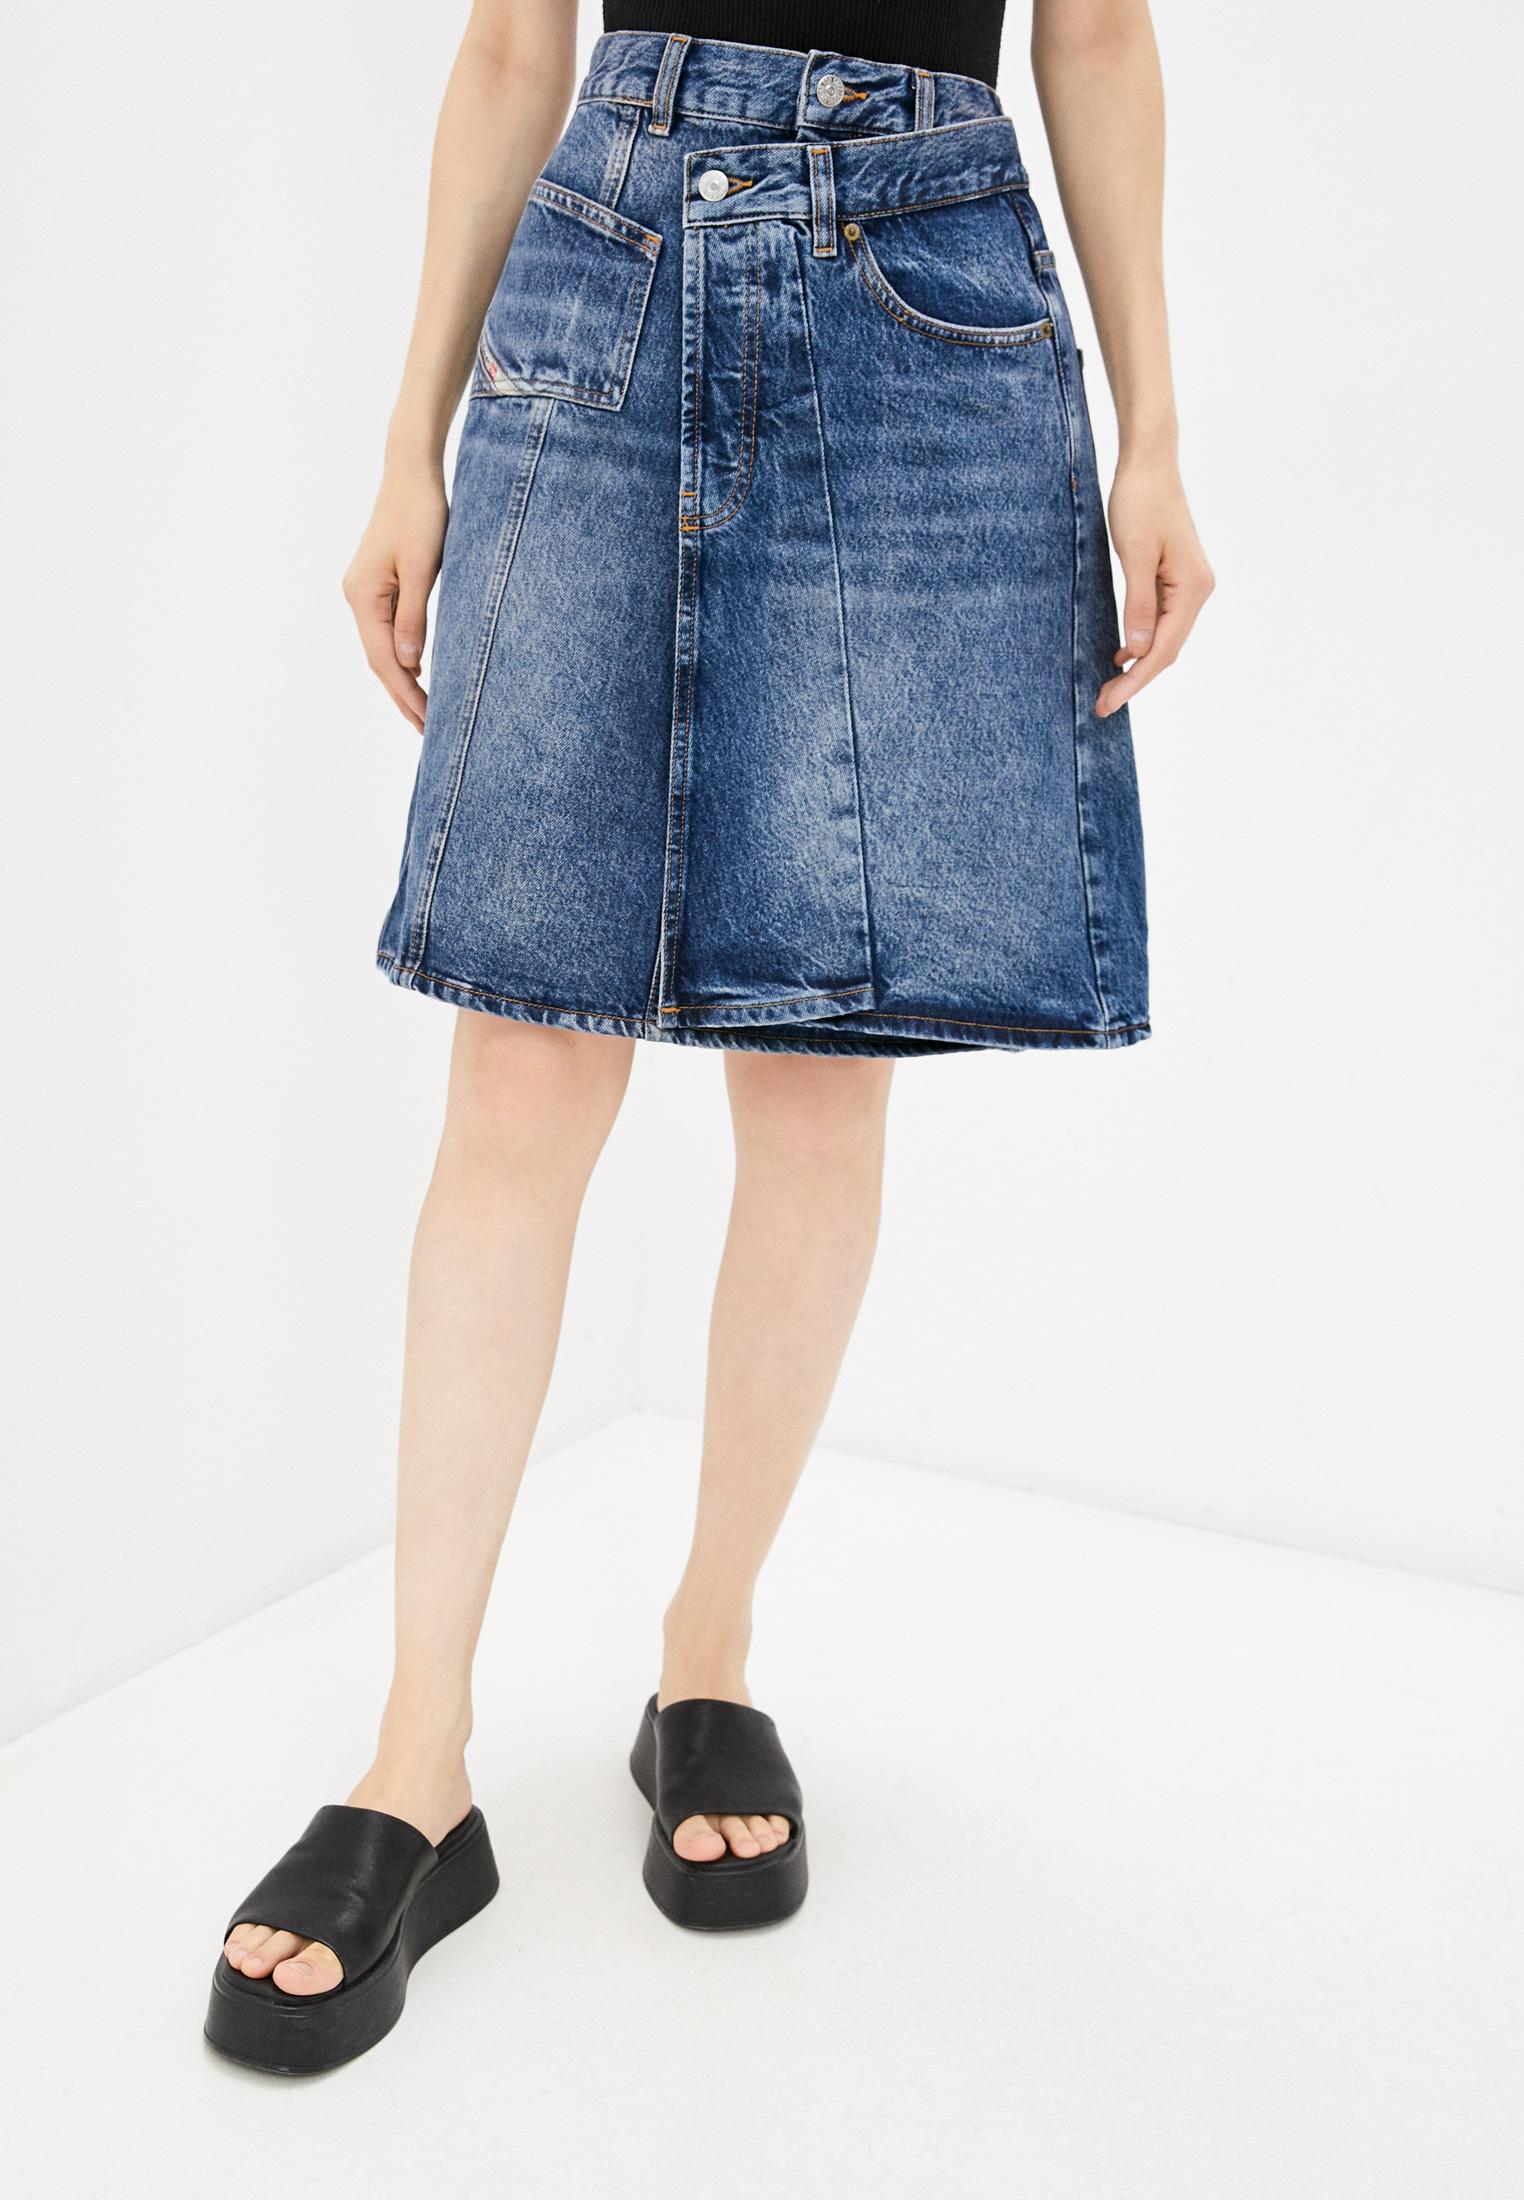 Джинсовая юбка Diesel (Дизель) Юбка джинсовая Diesel